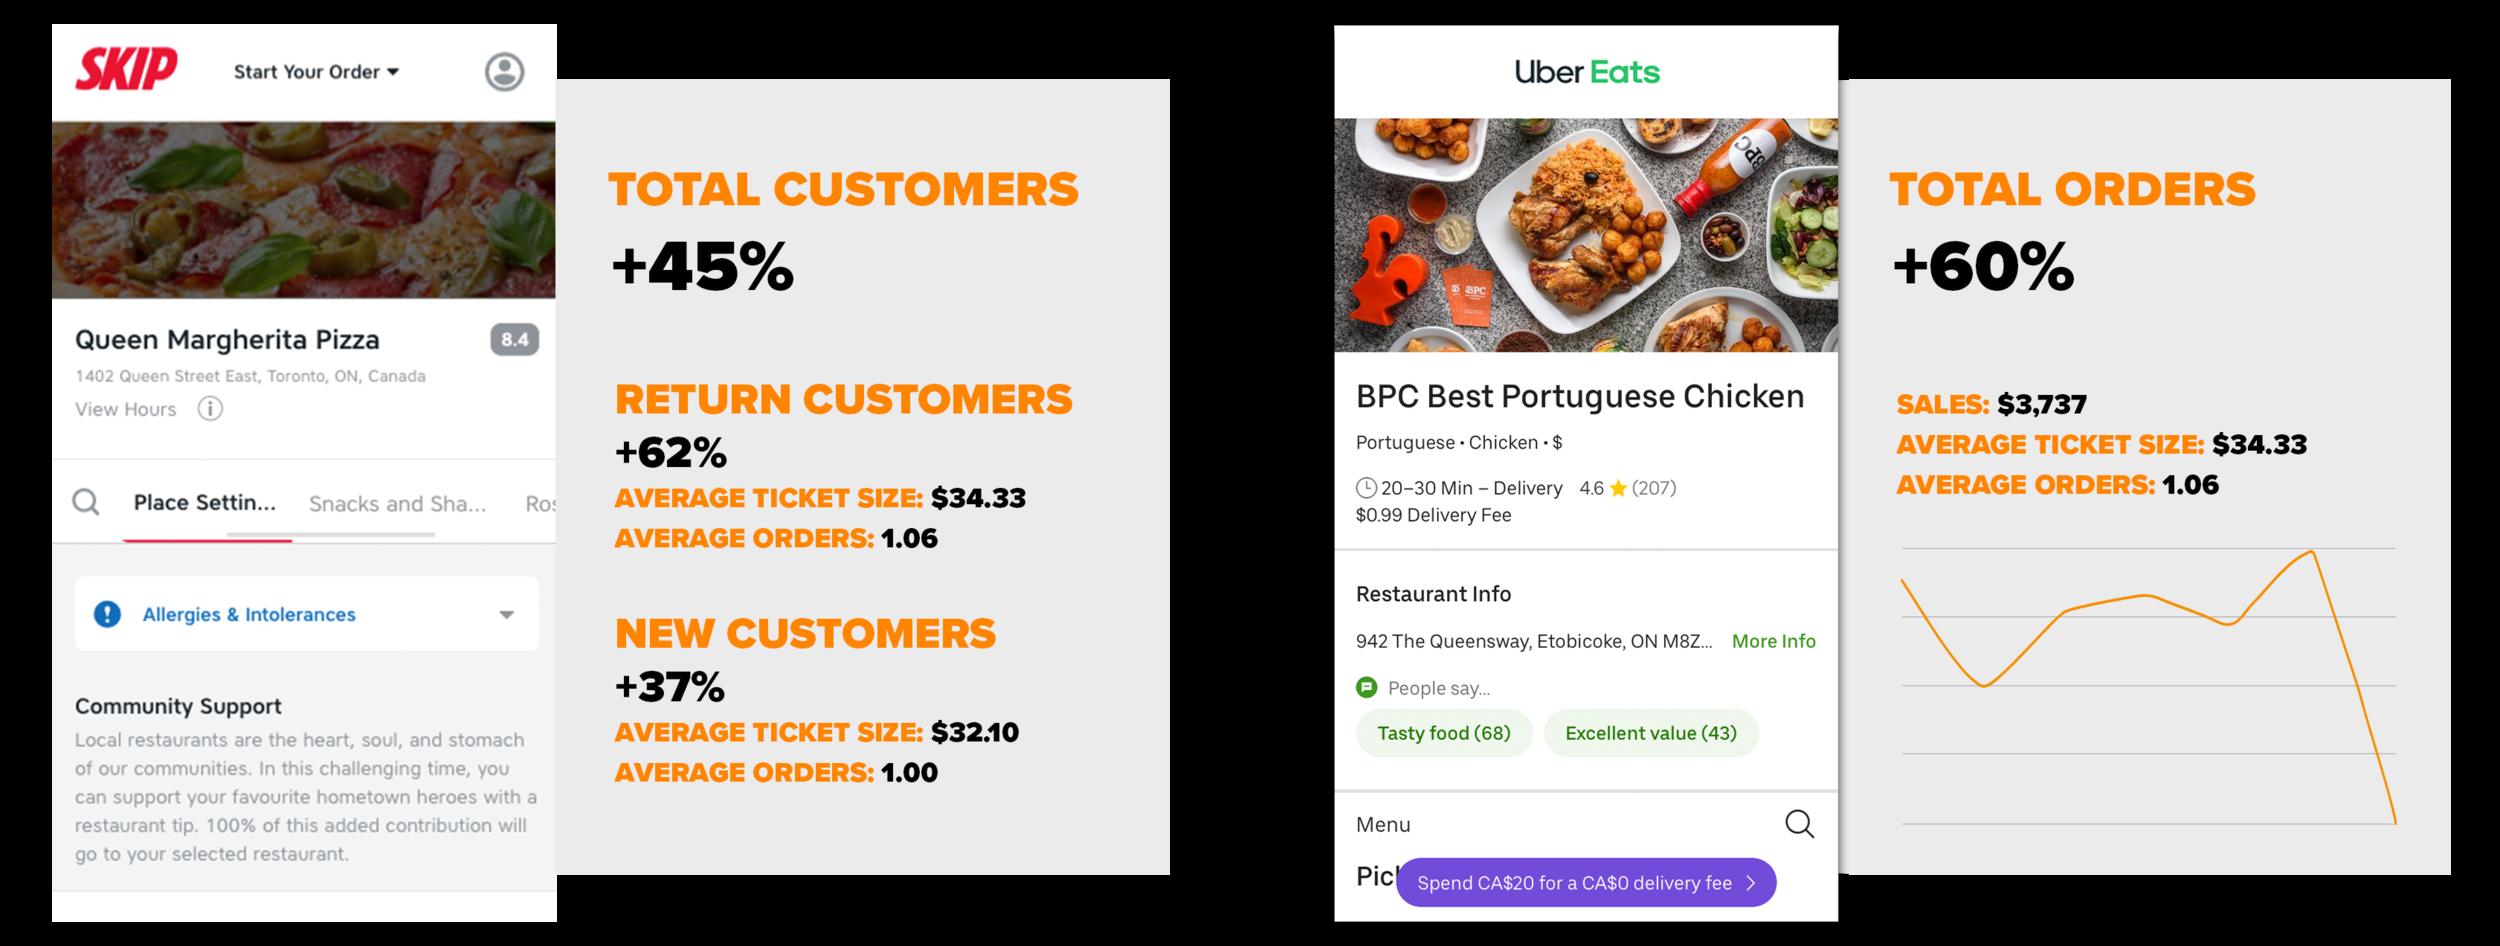 Website-UberEats.png